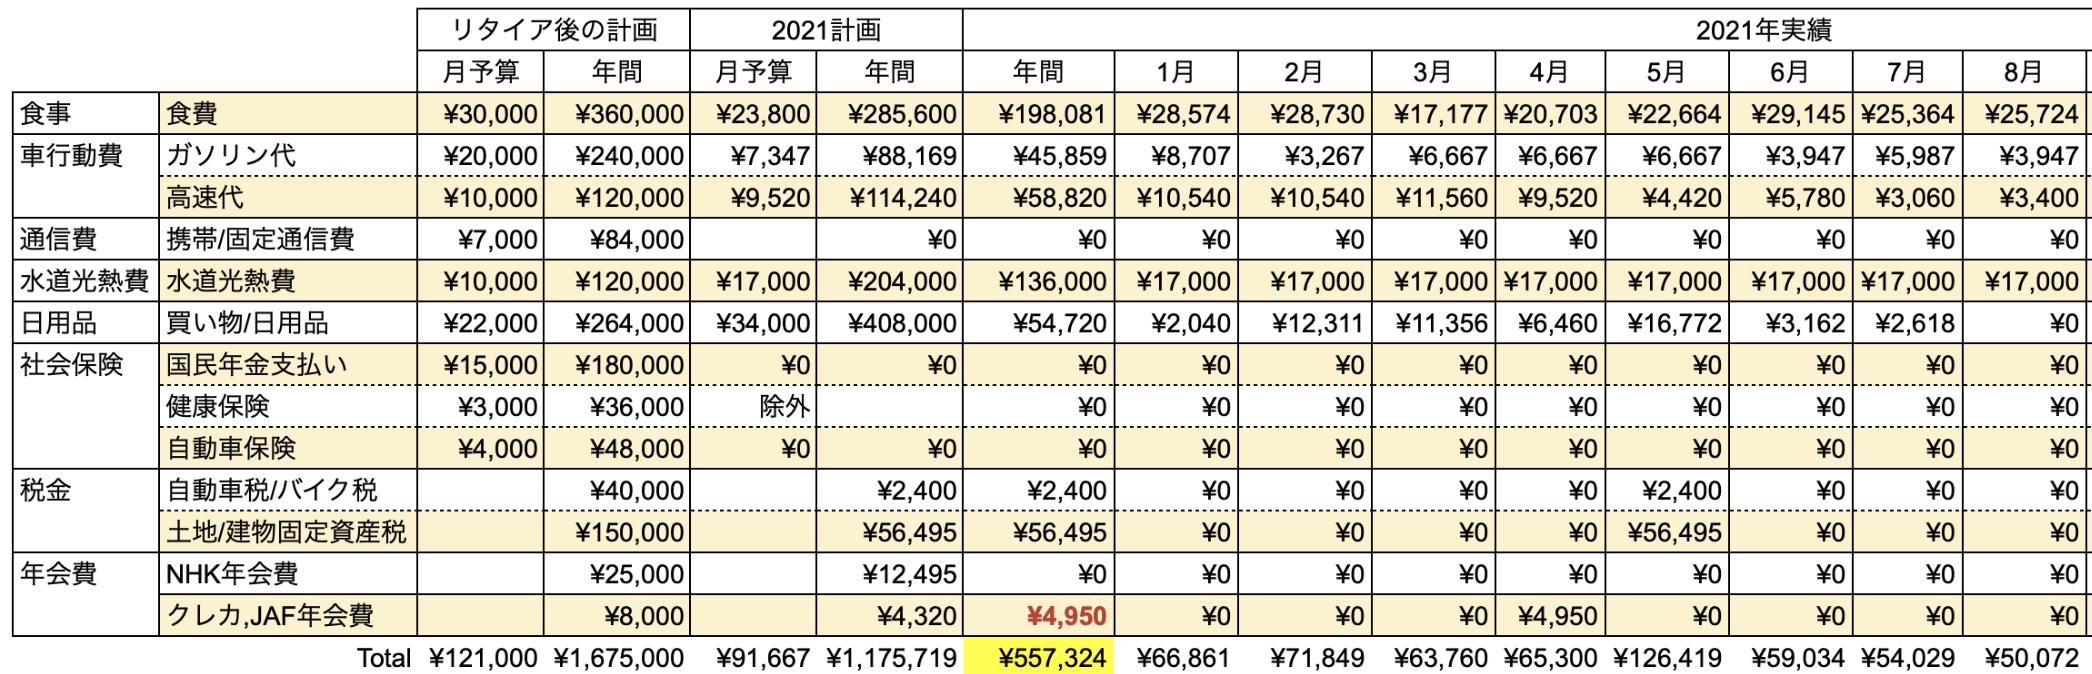 支出実績2021年8月_生活費